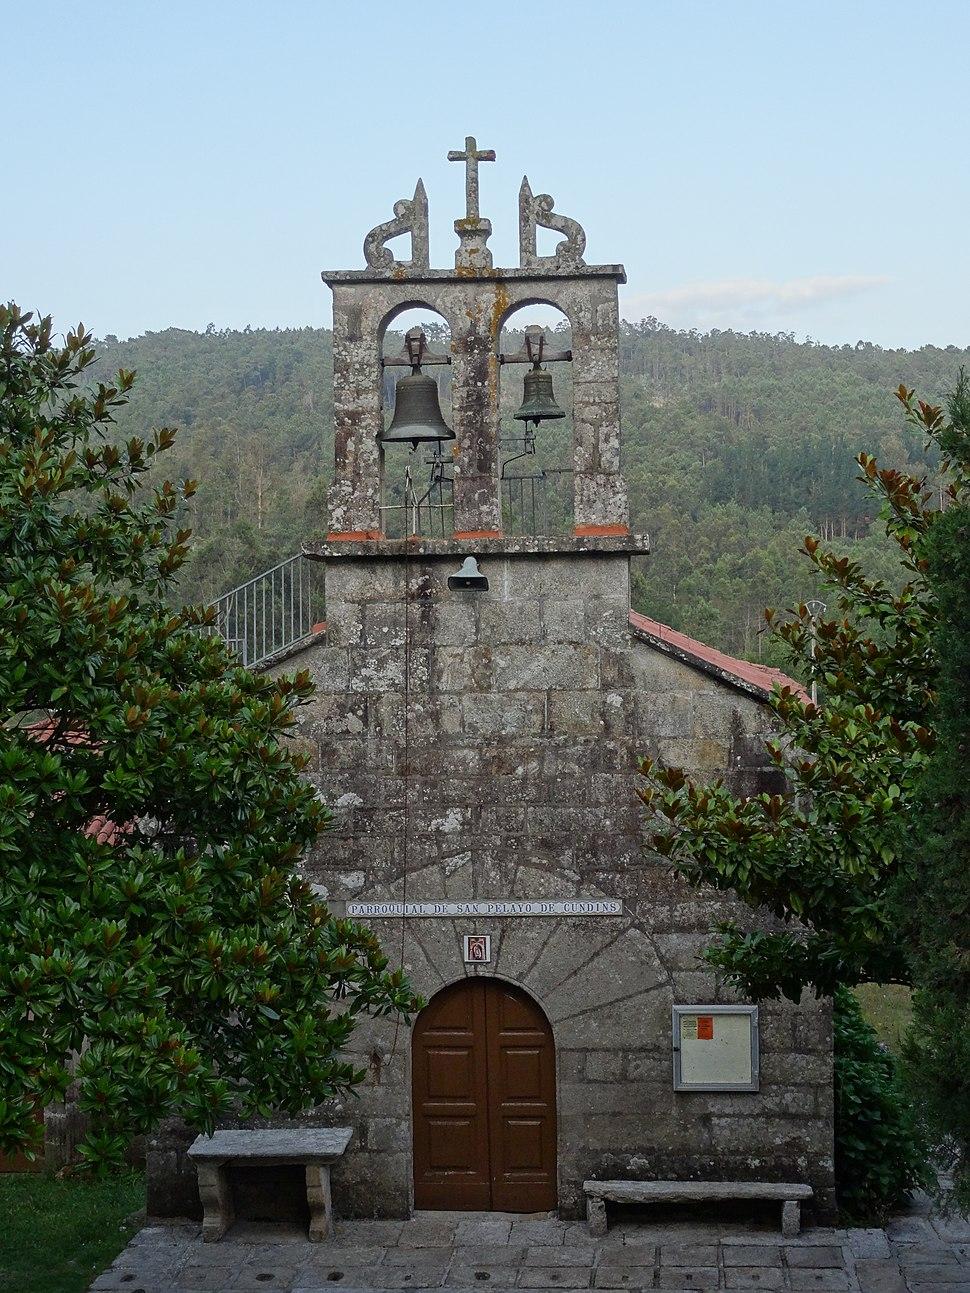 Fachada Igrexa Cundíns, Cabana de Bergantiños